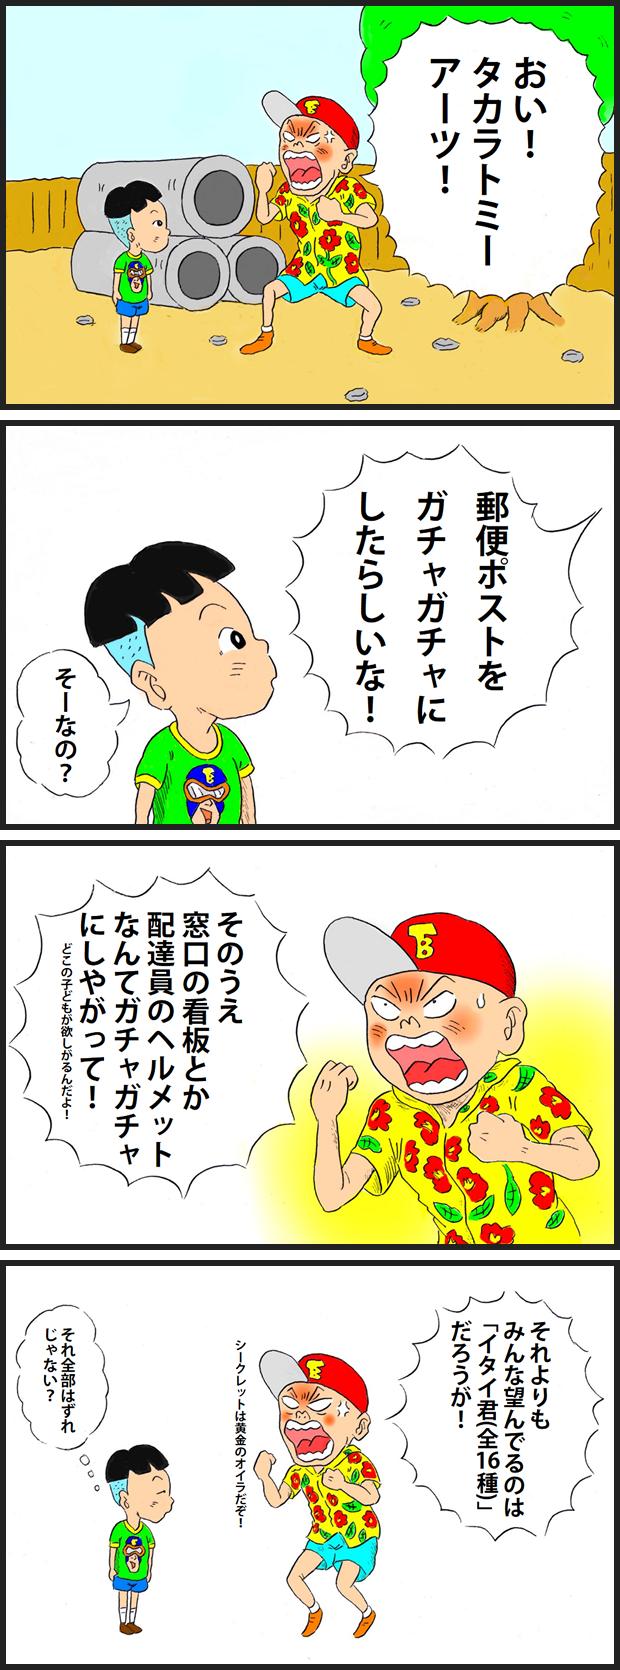 063 郵便局ガチャ